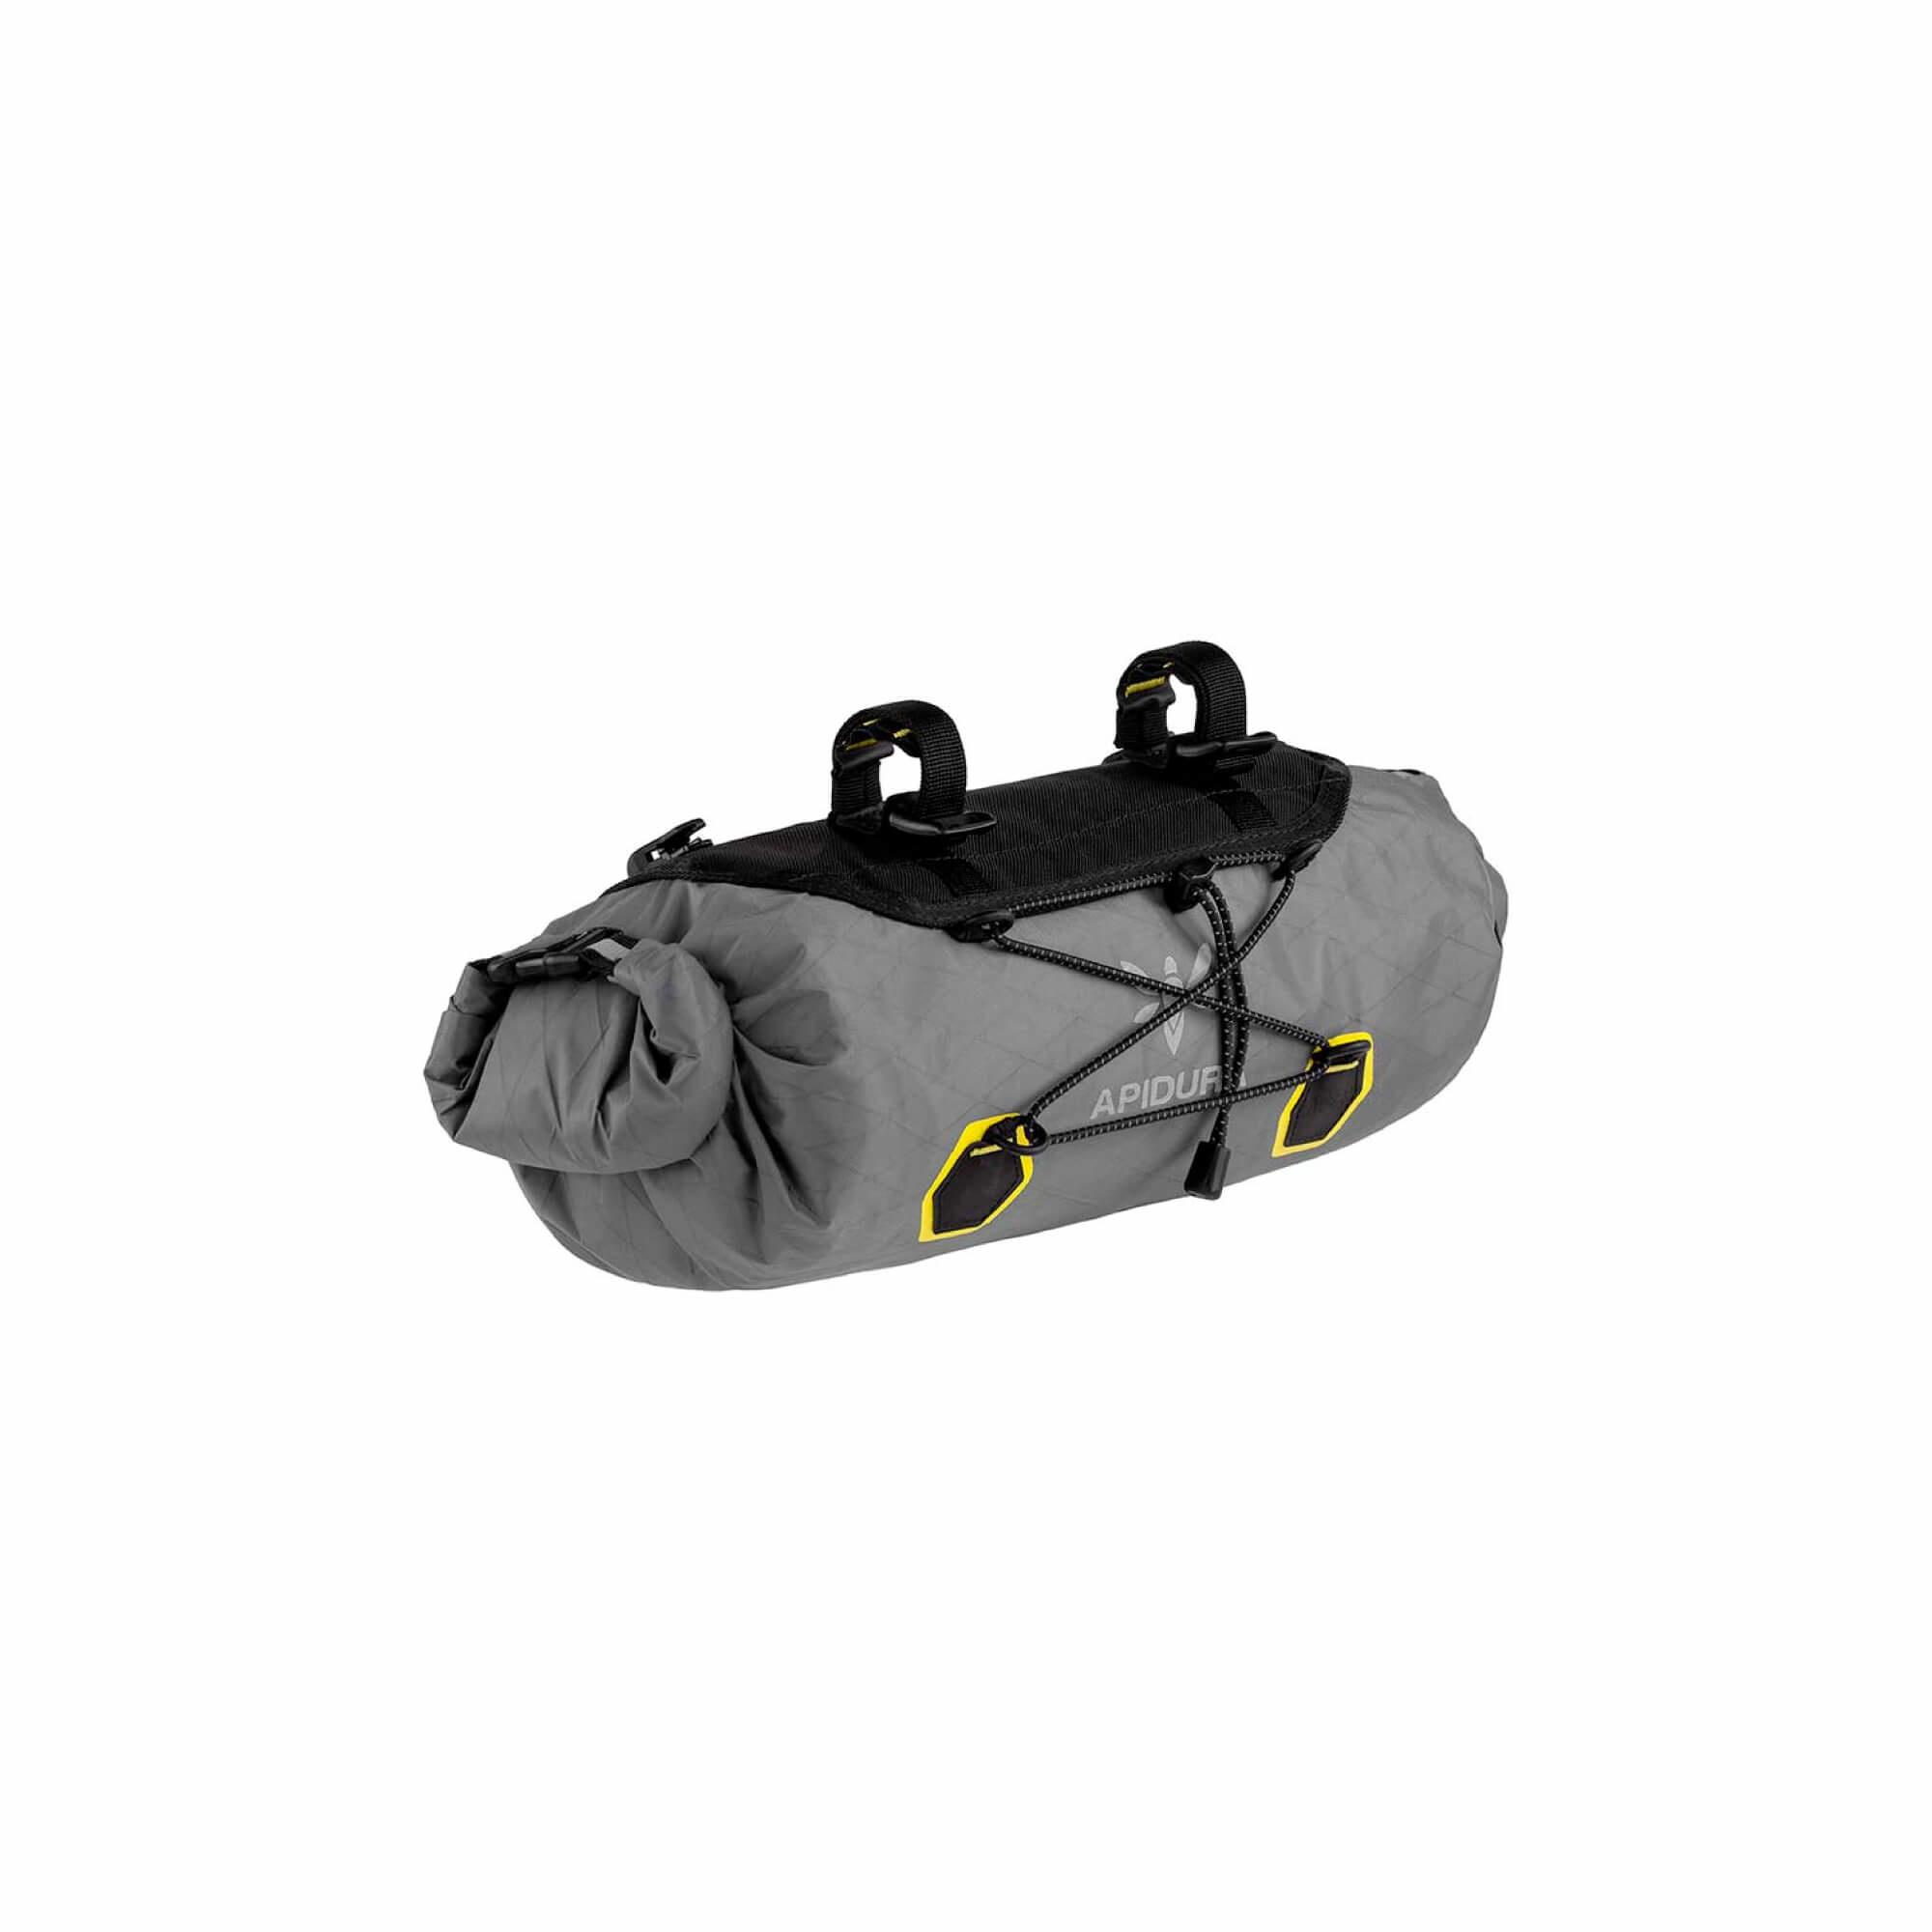 Backcountry Handlebar Pack-2